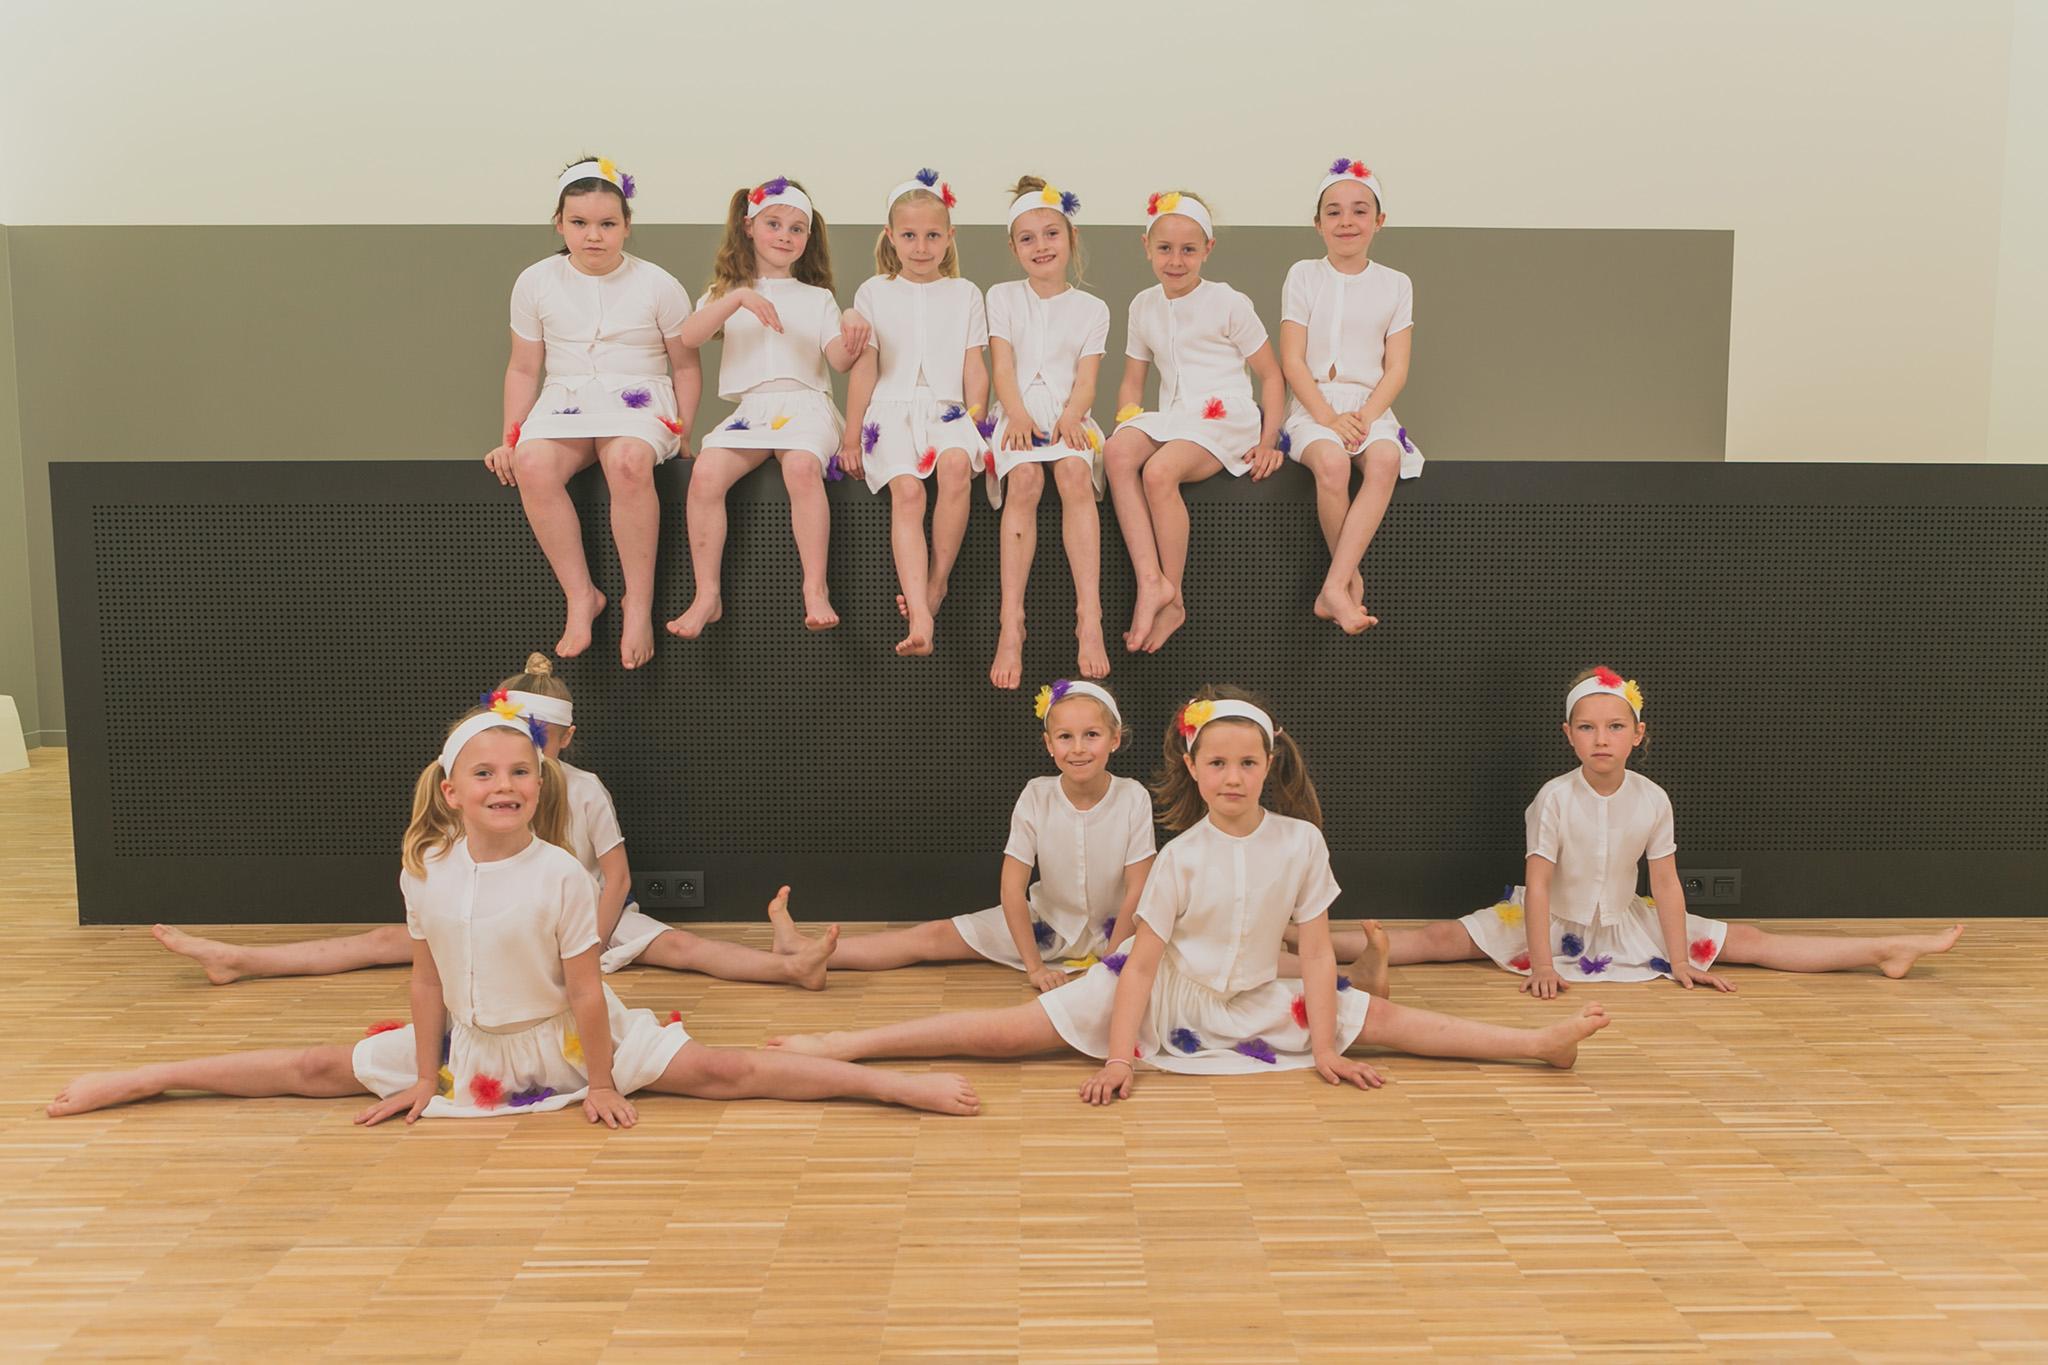 Dansvoorstelling academie mwd geel - repetities